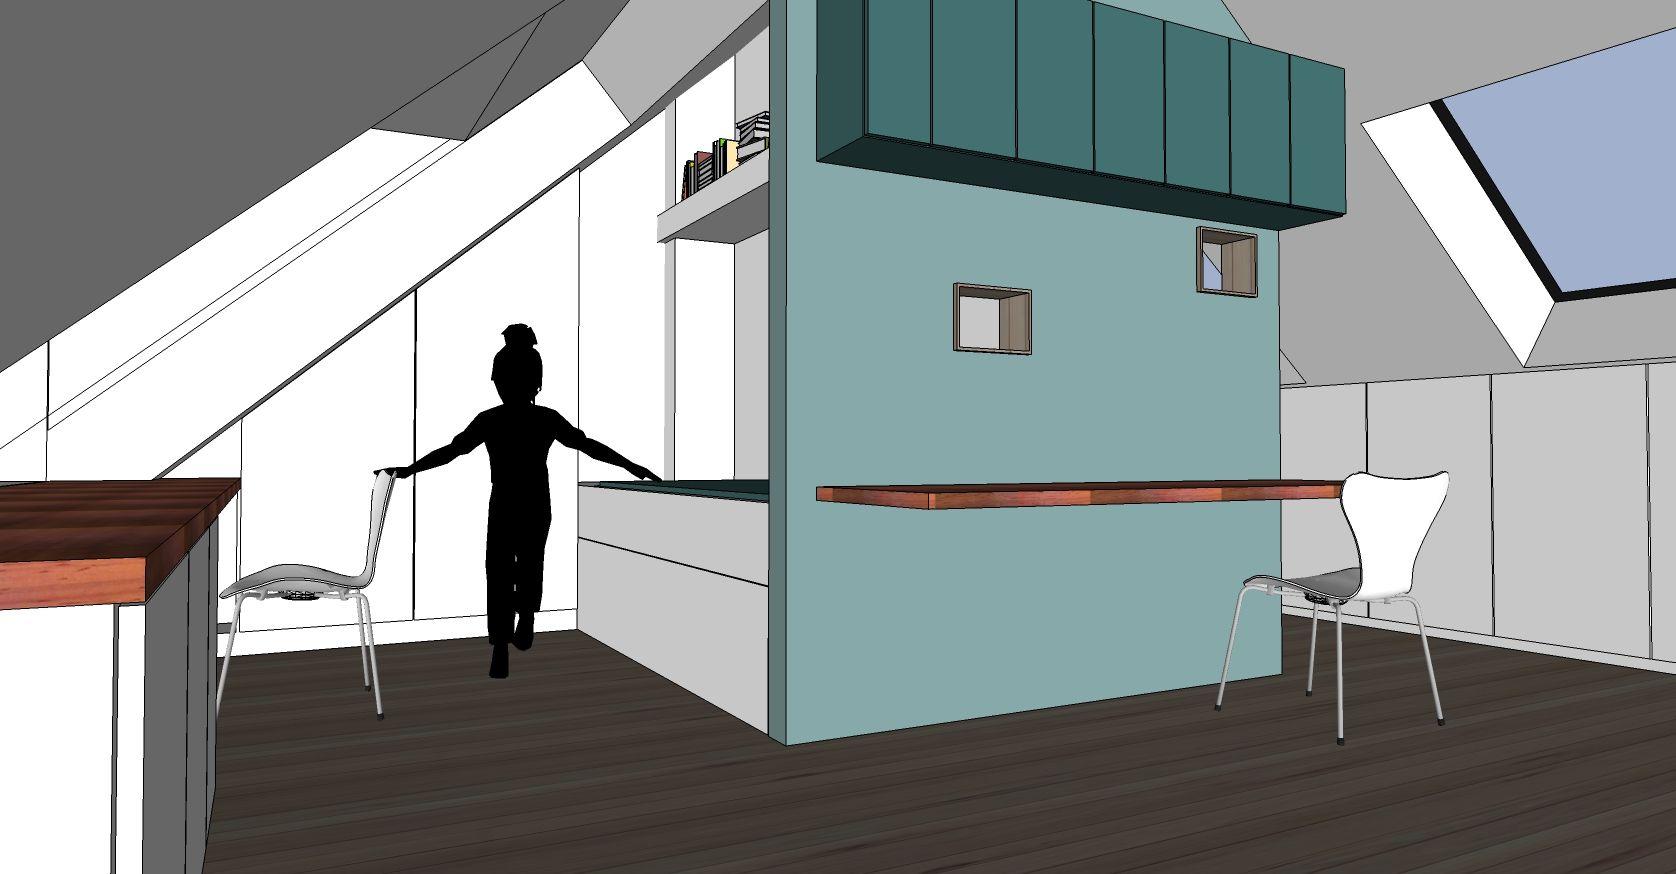 Inrichten zolder architect a.wildro en interieurvormgever k